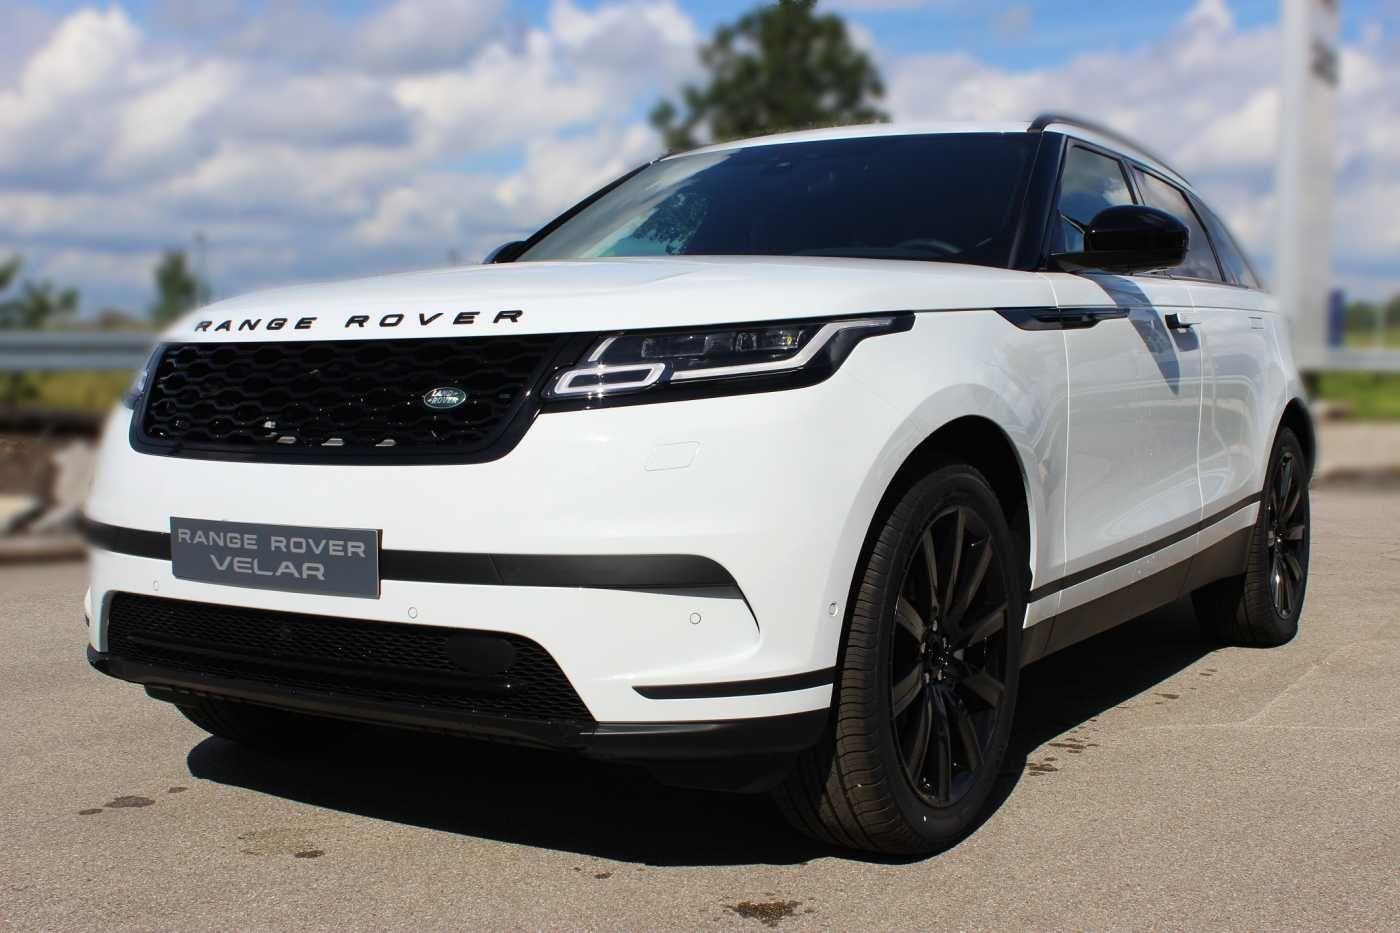 Land Roverâ Range Rover Velarâ Vorführwagen | Range rover ...